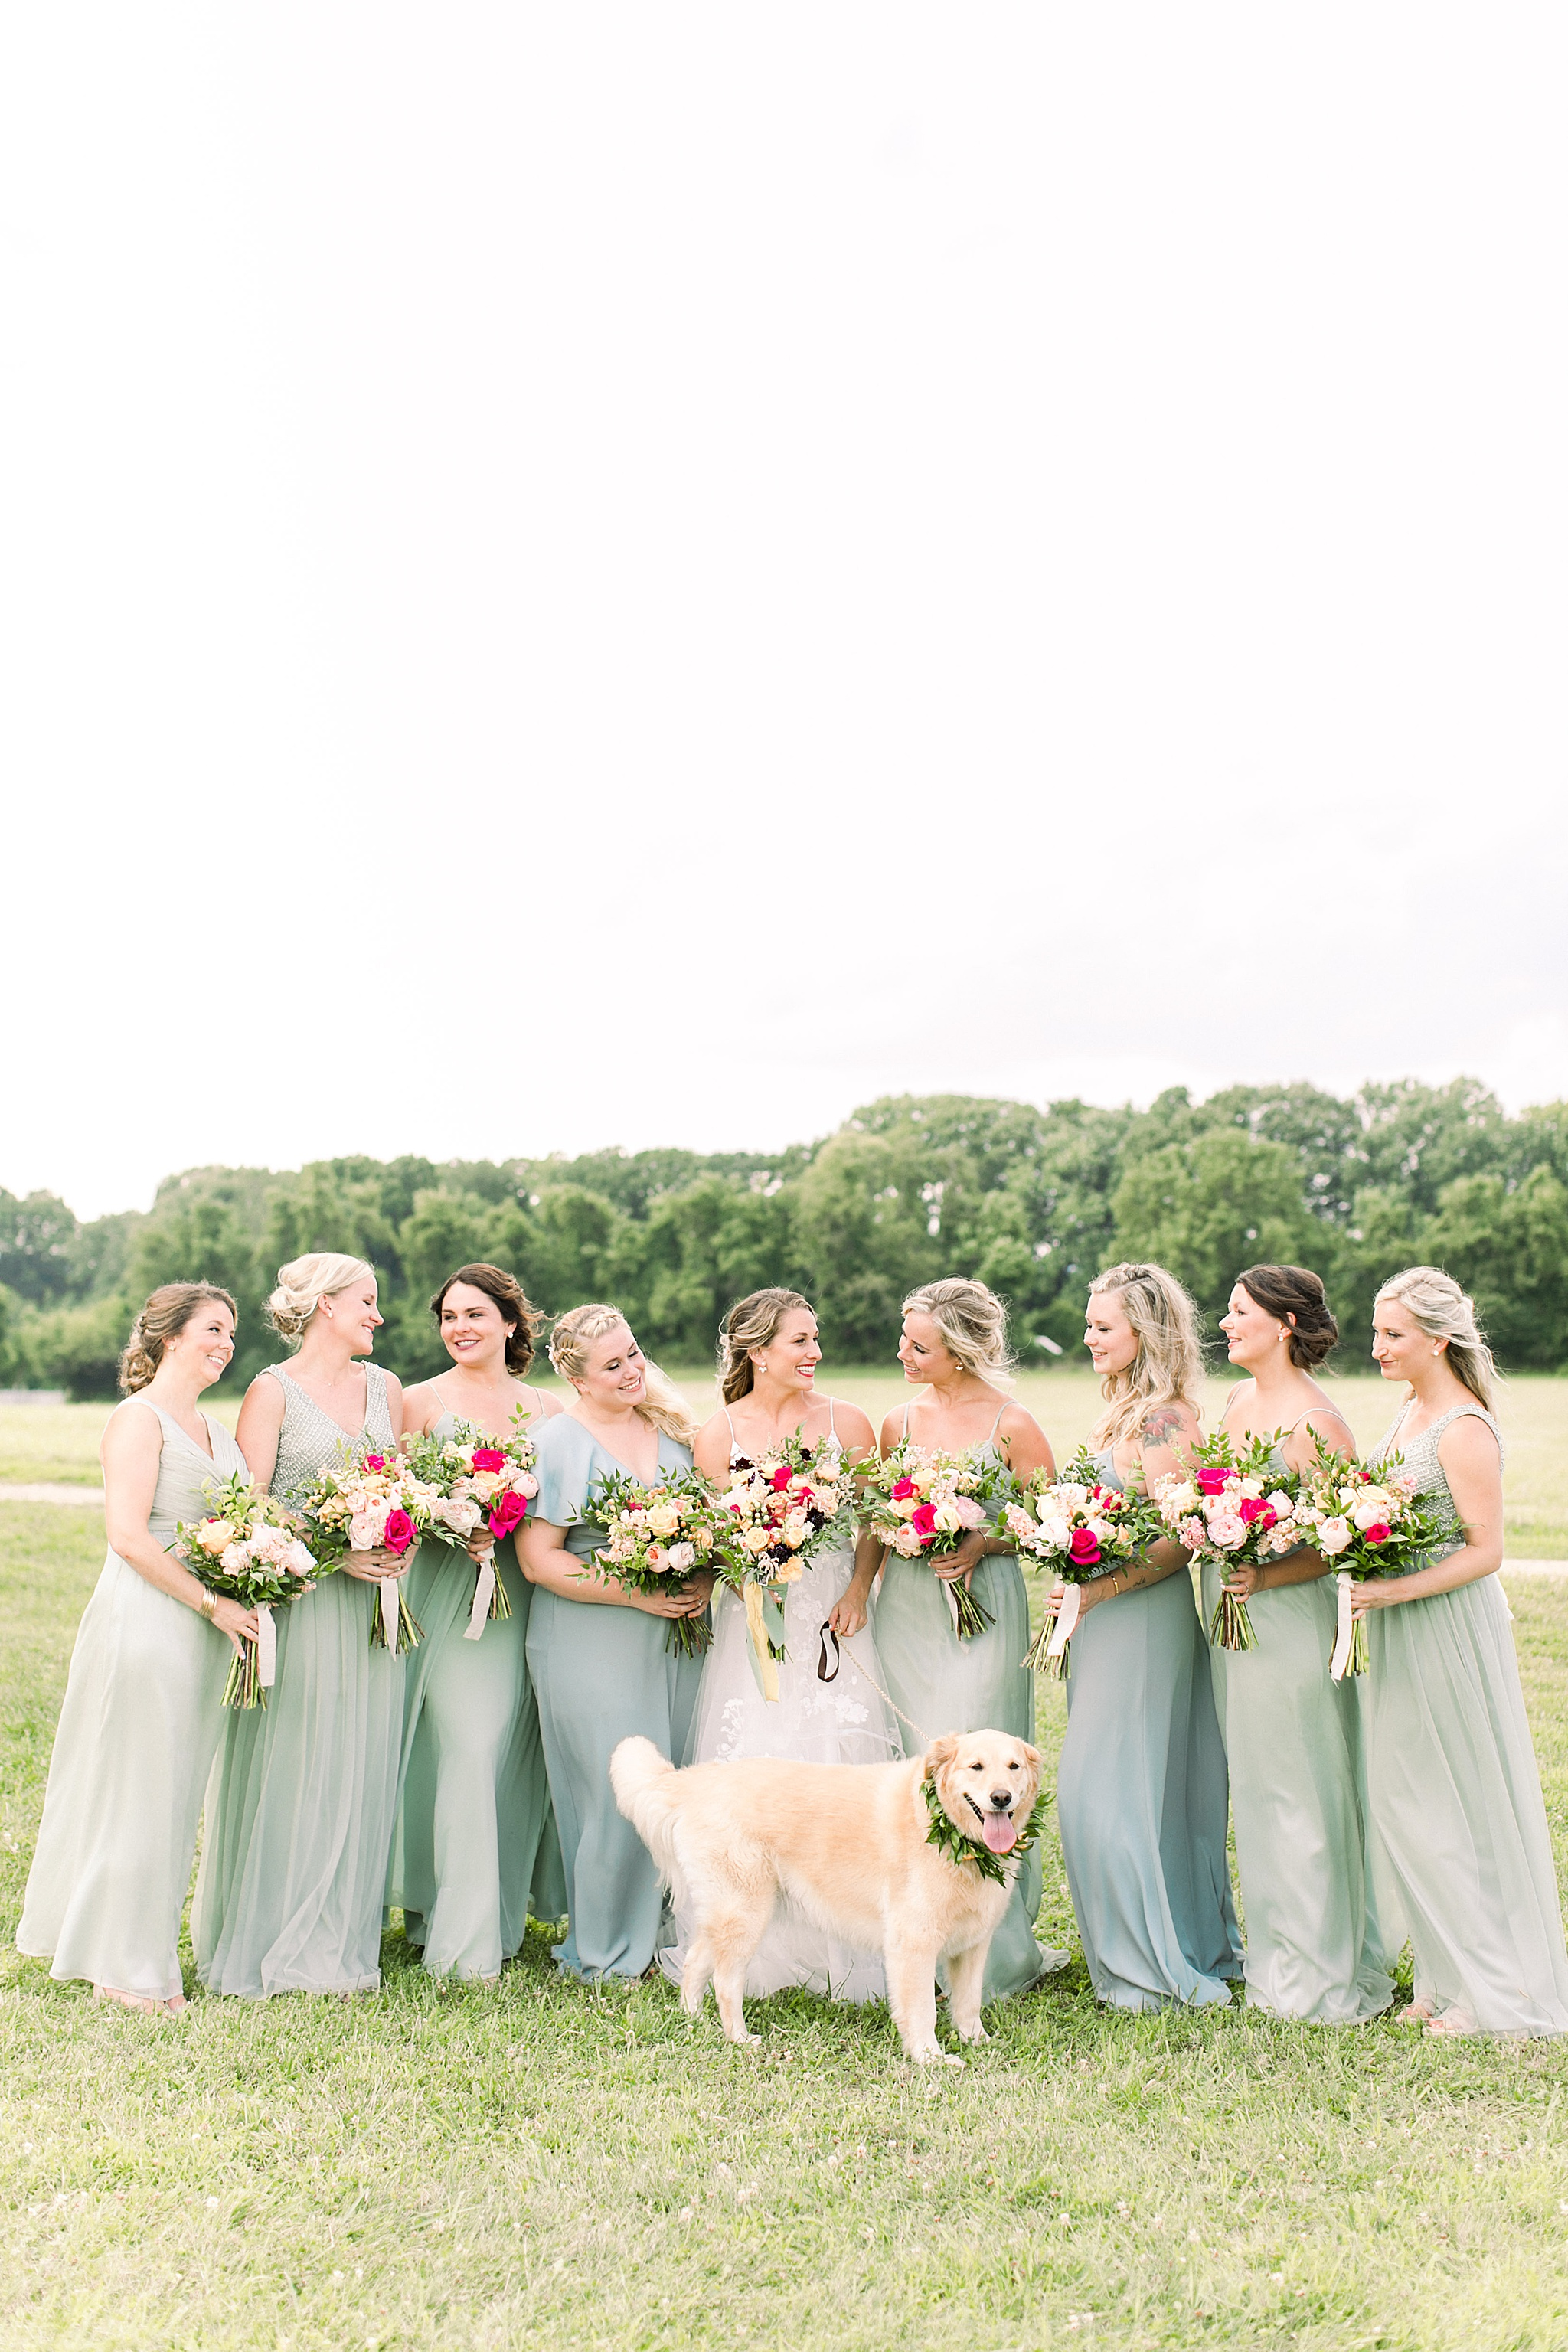 Bayonet Farm wedding day planned by Blue Mae Events, Ashley Mac Gets Married, NJ wedding day, New Jersey wedding day, outdoor New Jersey wedding day, boho chic wedding inspiration